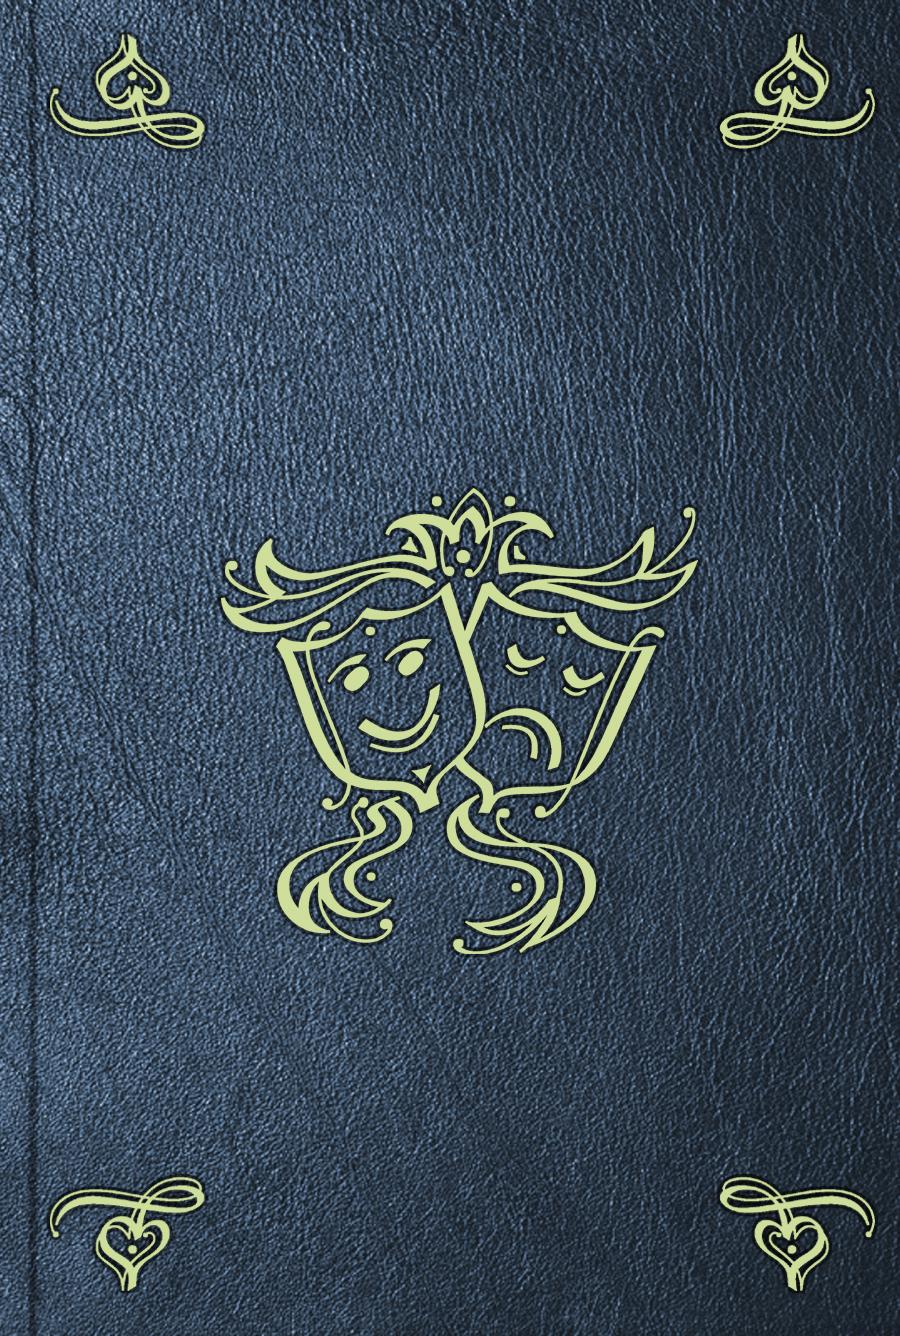 Pierre Corneille Les chef-d'ouvres dramatiques. T. 2 claude favre de vaugelas remarques sur la langue francoise avec des notes de messieurs patru t corneille volume 2 french edition